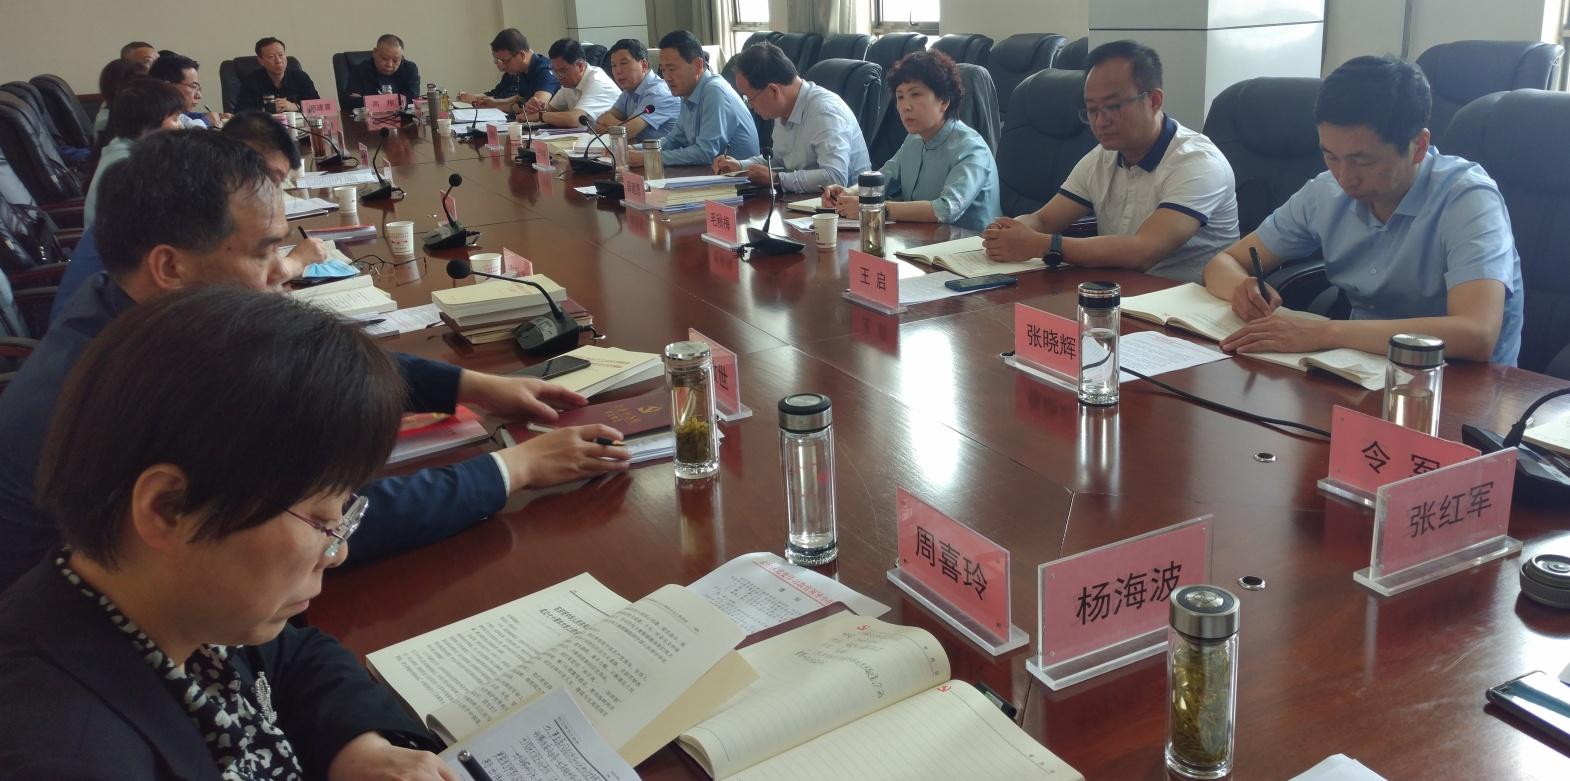 【中心组学习】陕西宝鸡市金台区委理论学习中心组举行2021年第15次集体学习